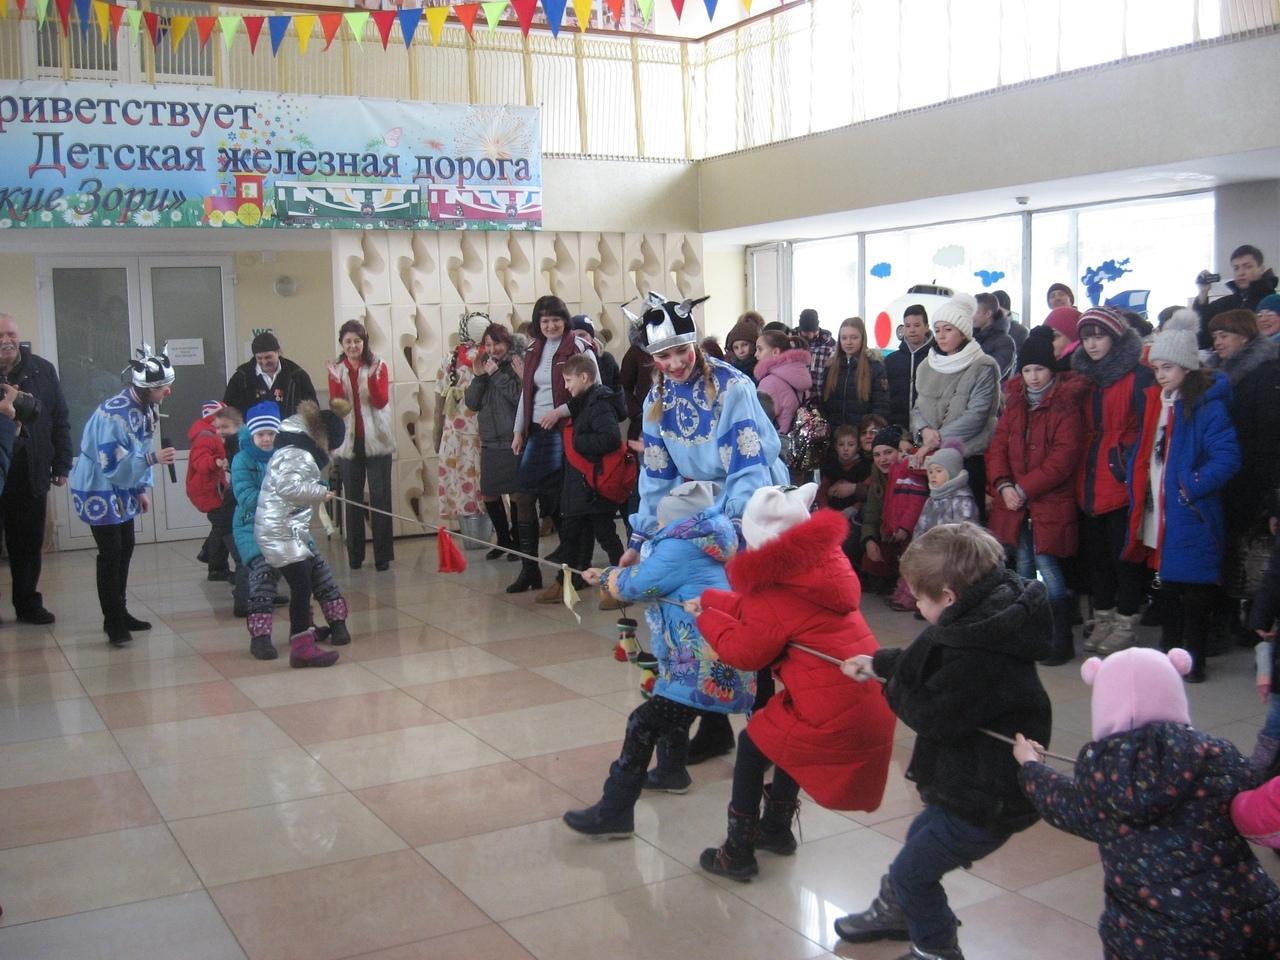 гуляй масленица, Донецкая республиканская библиотека для детей, Донецкая детская железная дорога, Донецкий республиканский эколого-натуралистический центр, праздник для детей